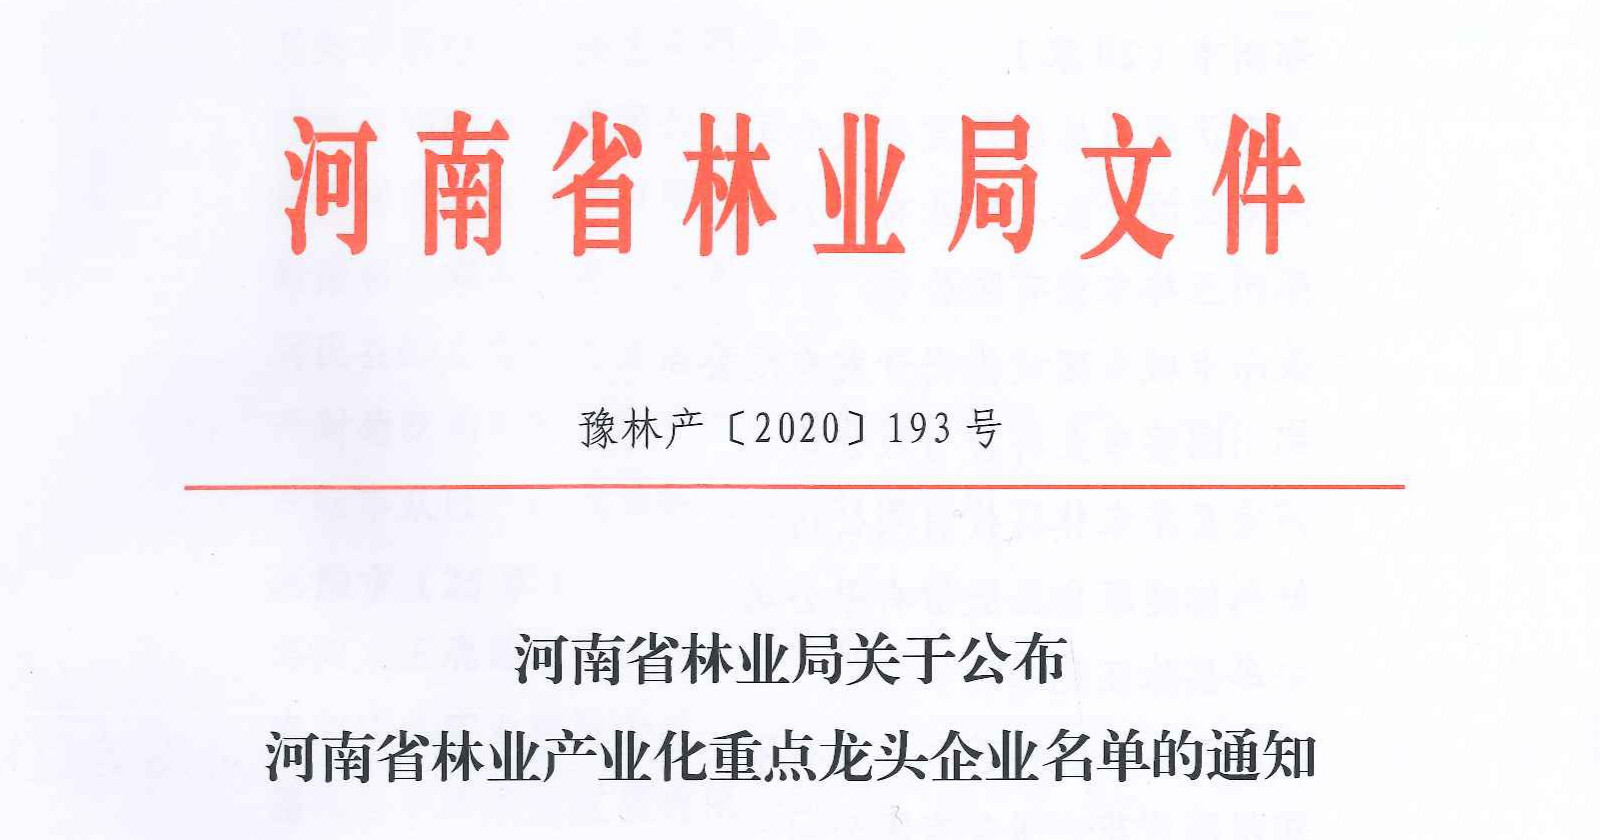 """热烈祝贺河南中林生态环保科技有限公司成功入选""""河南省林业产业化重点龙头企业"""""""